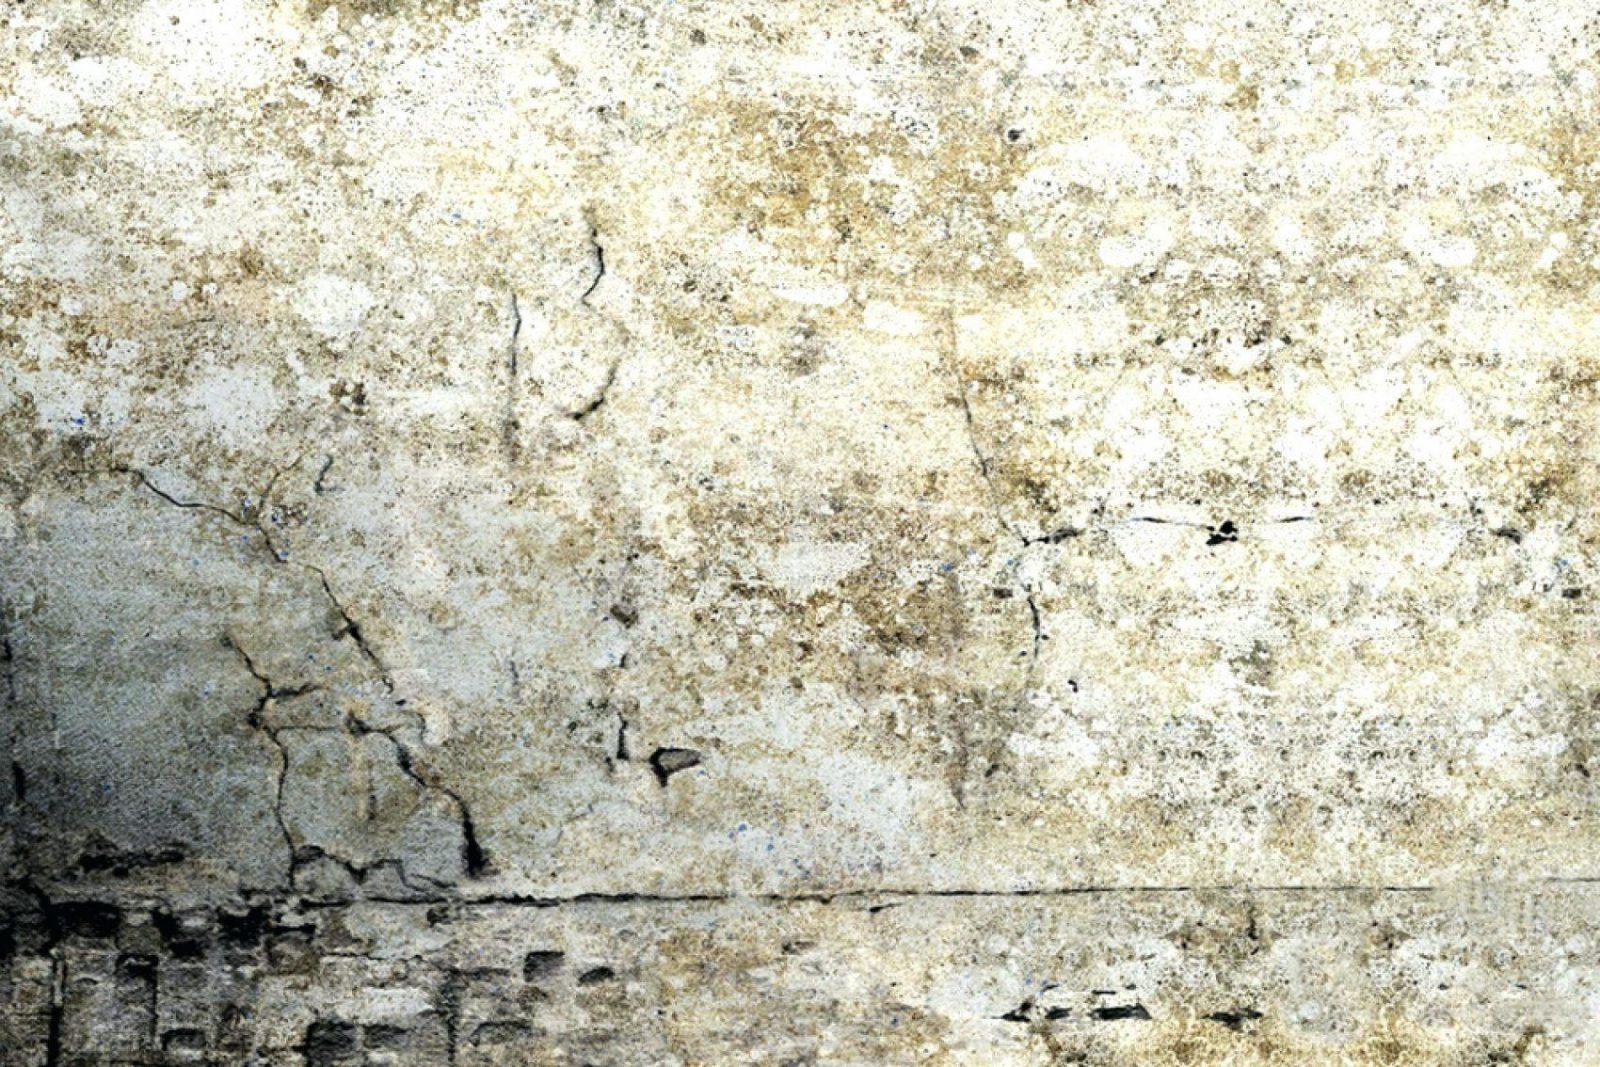 Putz Schleifen Wunderbar Wand Herrlich Rotweinflecken An Weiaer von Rotweinflecken An Der Wand Bild